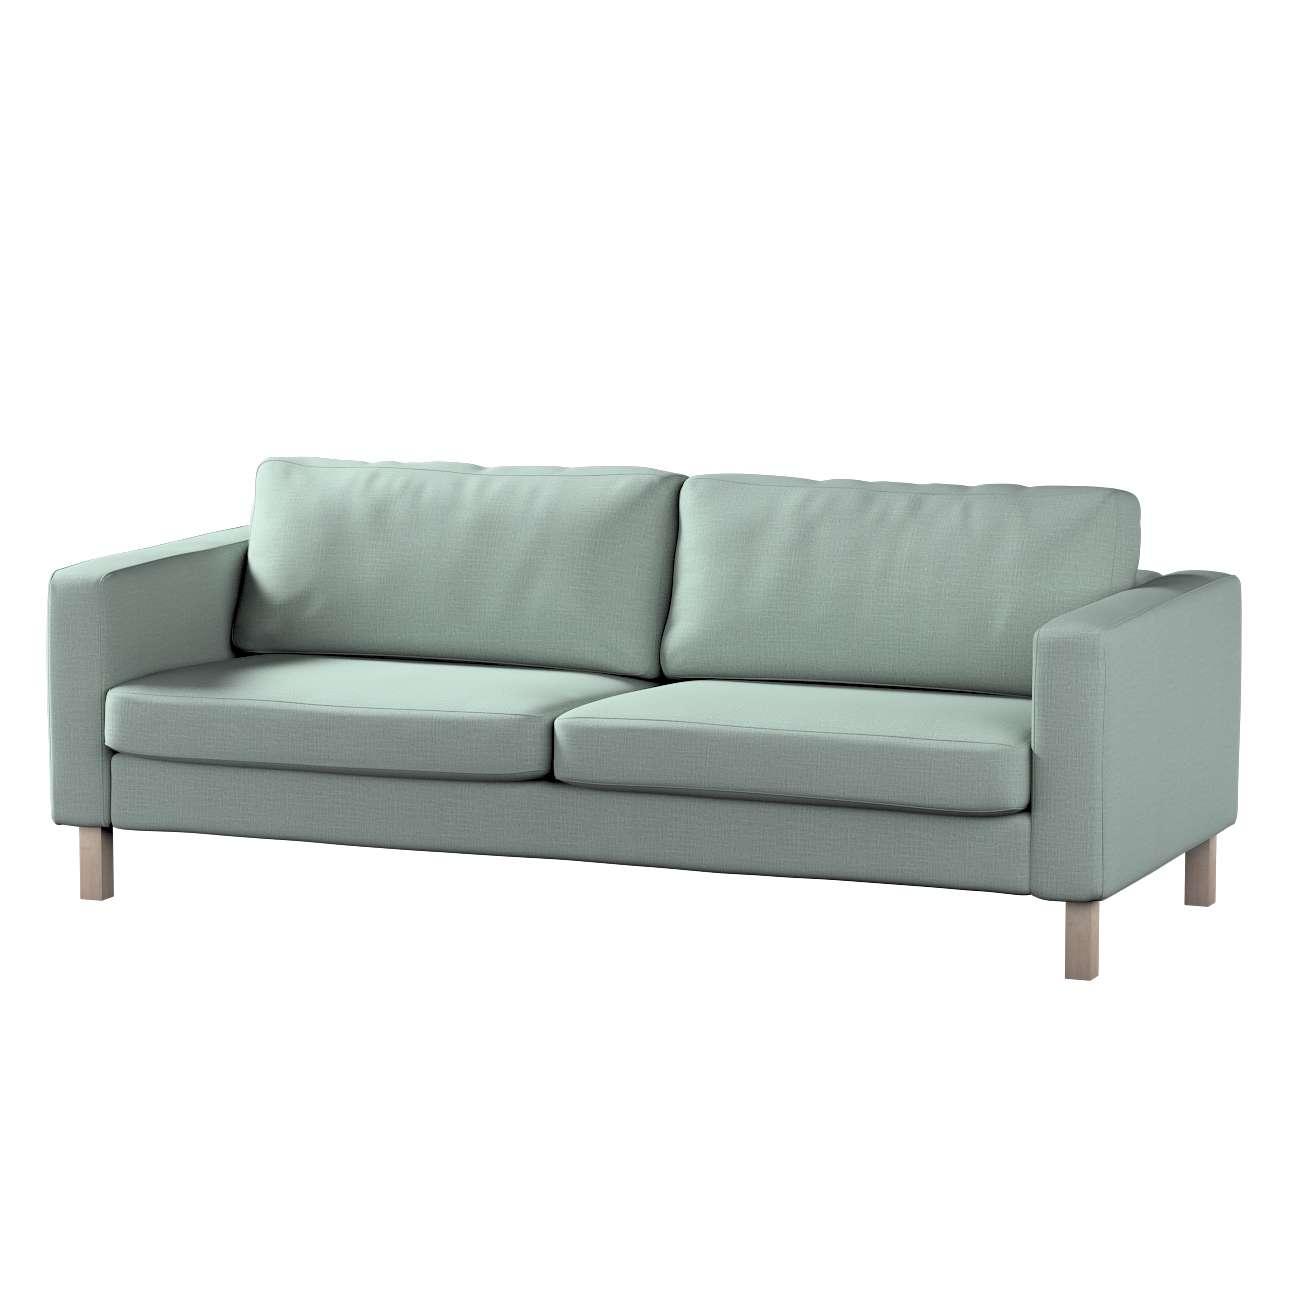 Pokrowiec na sofę Karlstad rozkładaną w kolekcji Living II, tkanina: 160-86